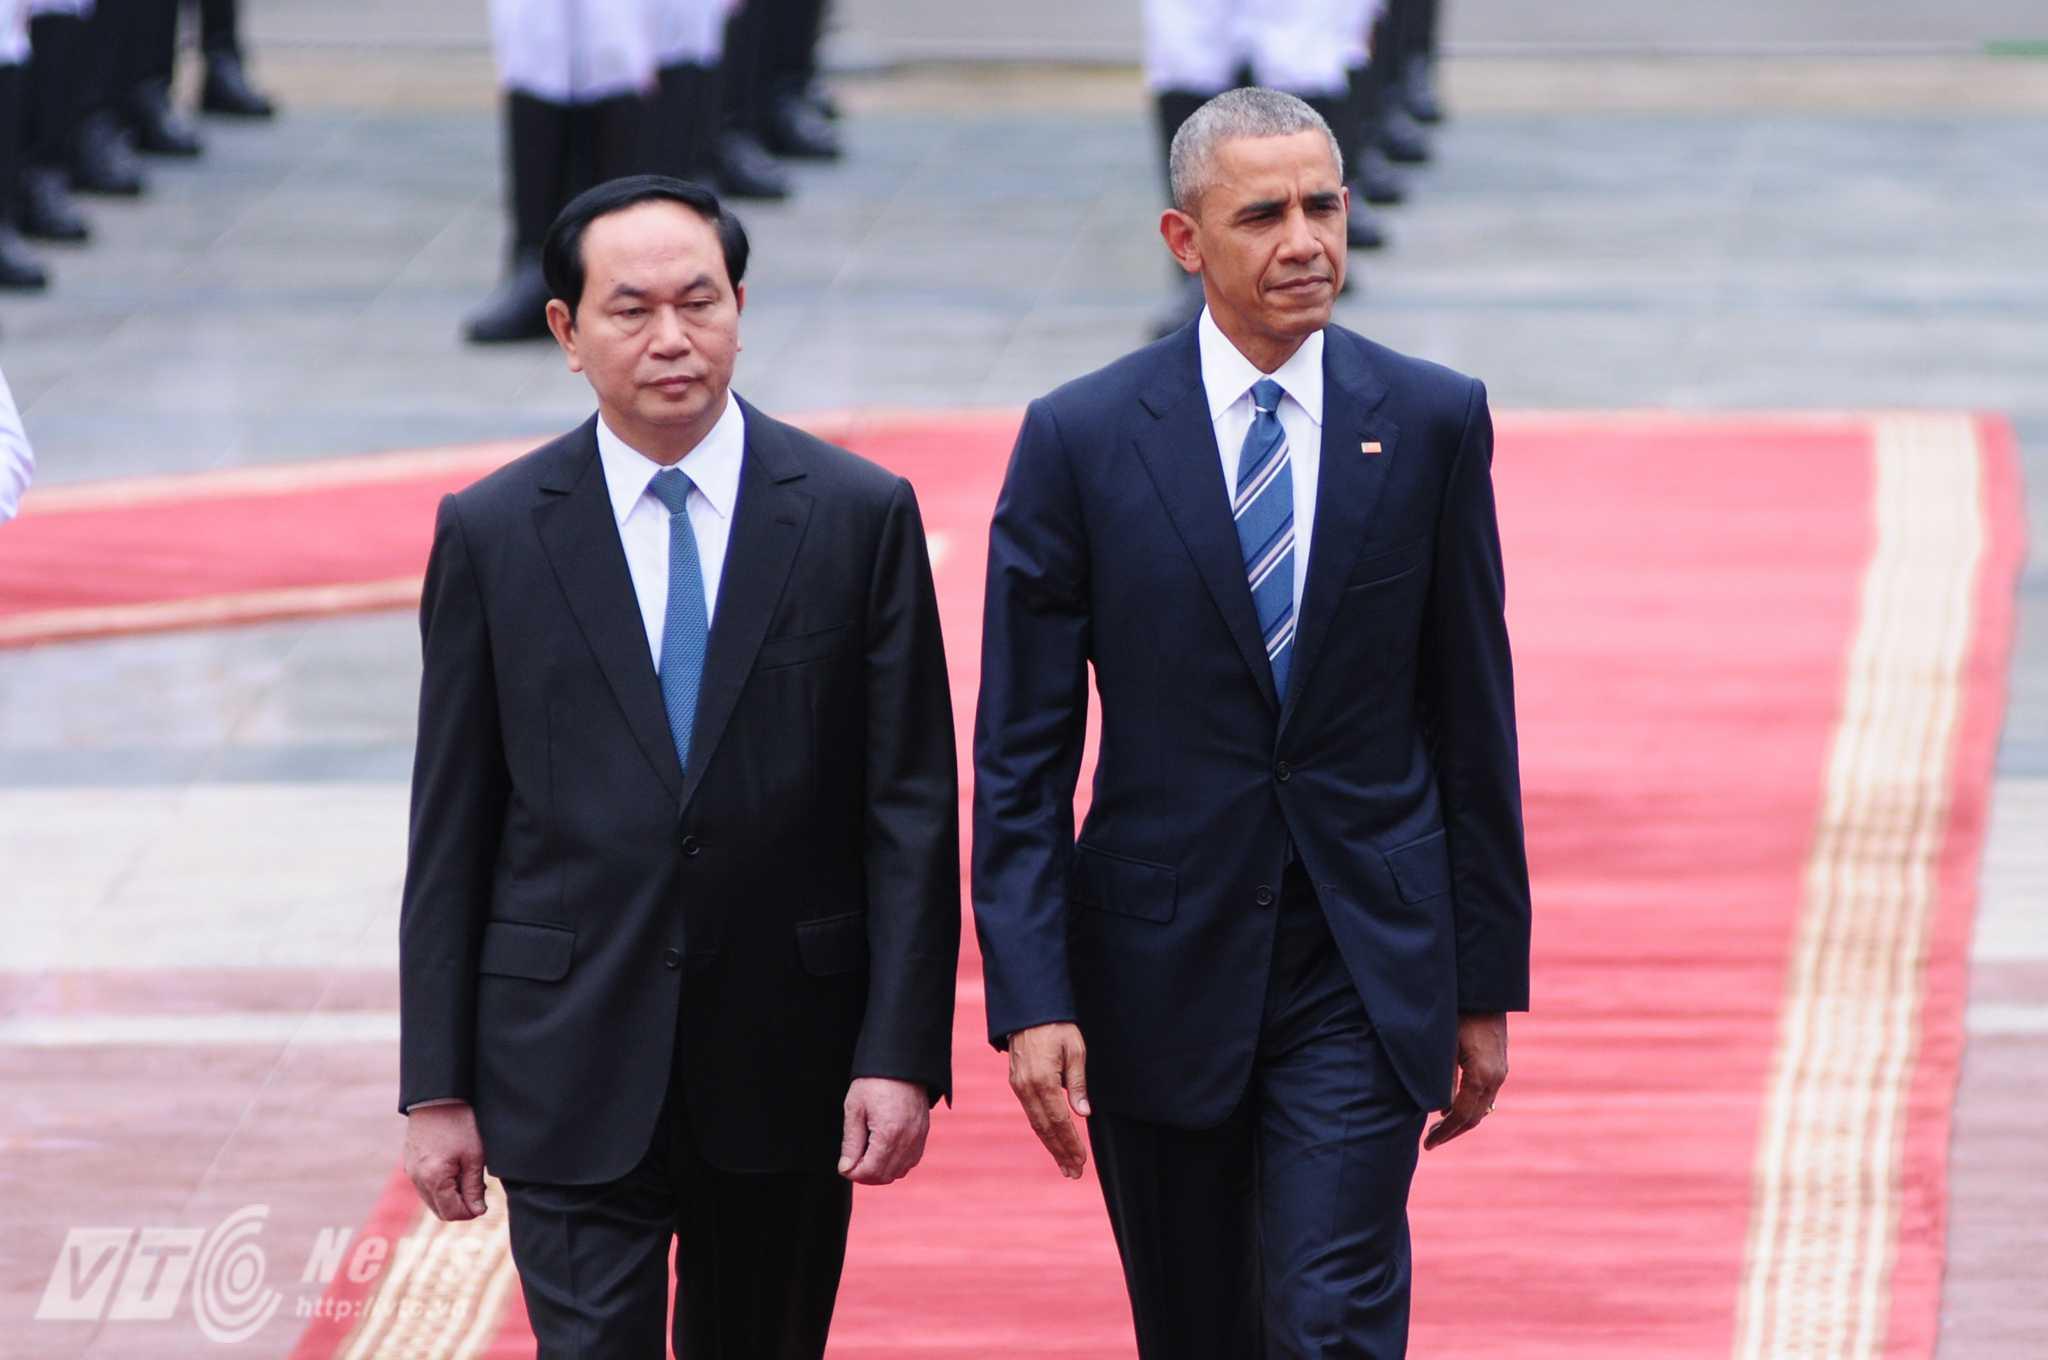 Chủ tịch nước Trần Đại Quang chủ trì lễ đón Tổng thống Obama - Ảnh: Tùng Đinh